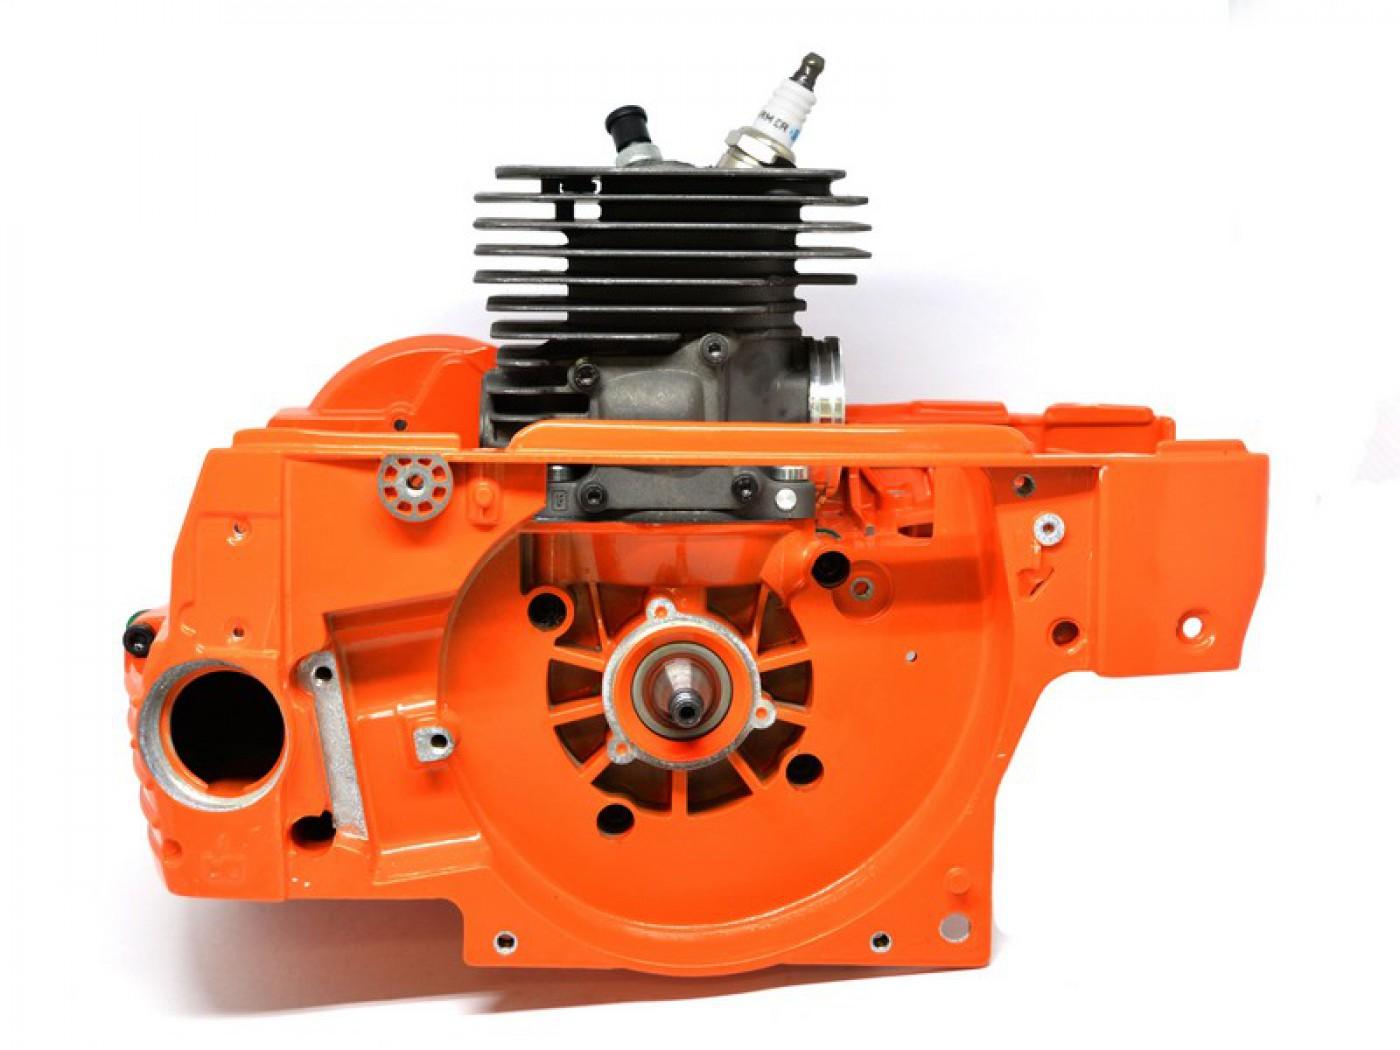 Kompletní motor Husqvarna 365 x-torq 372 xp x-torq